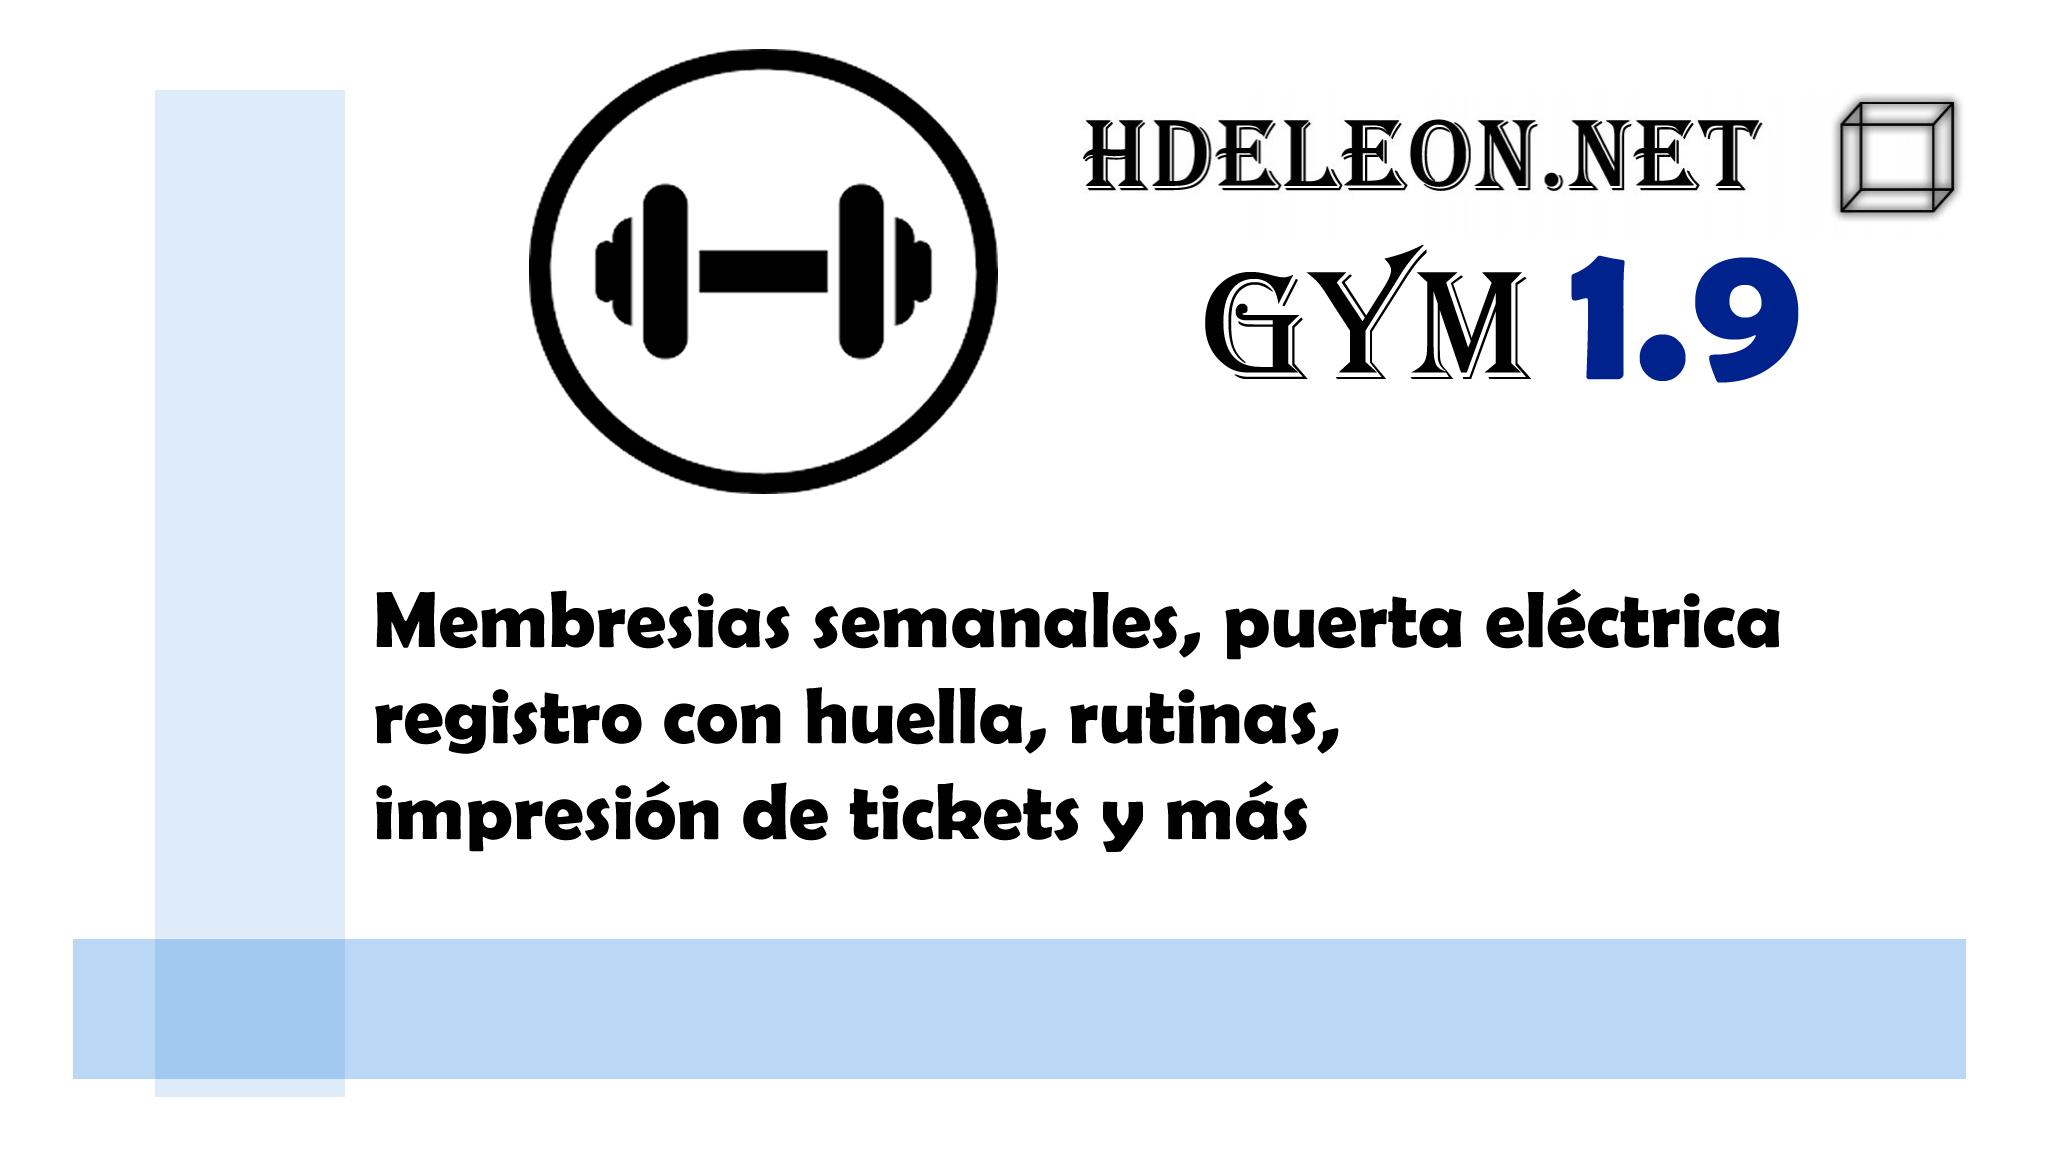 Software para gimnasio hdeleon versión 1.9 – El mejor software para Gimnasio